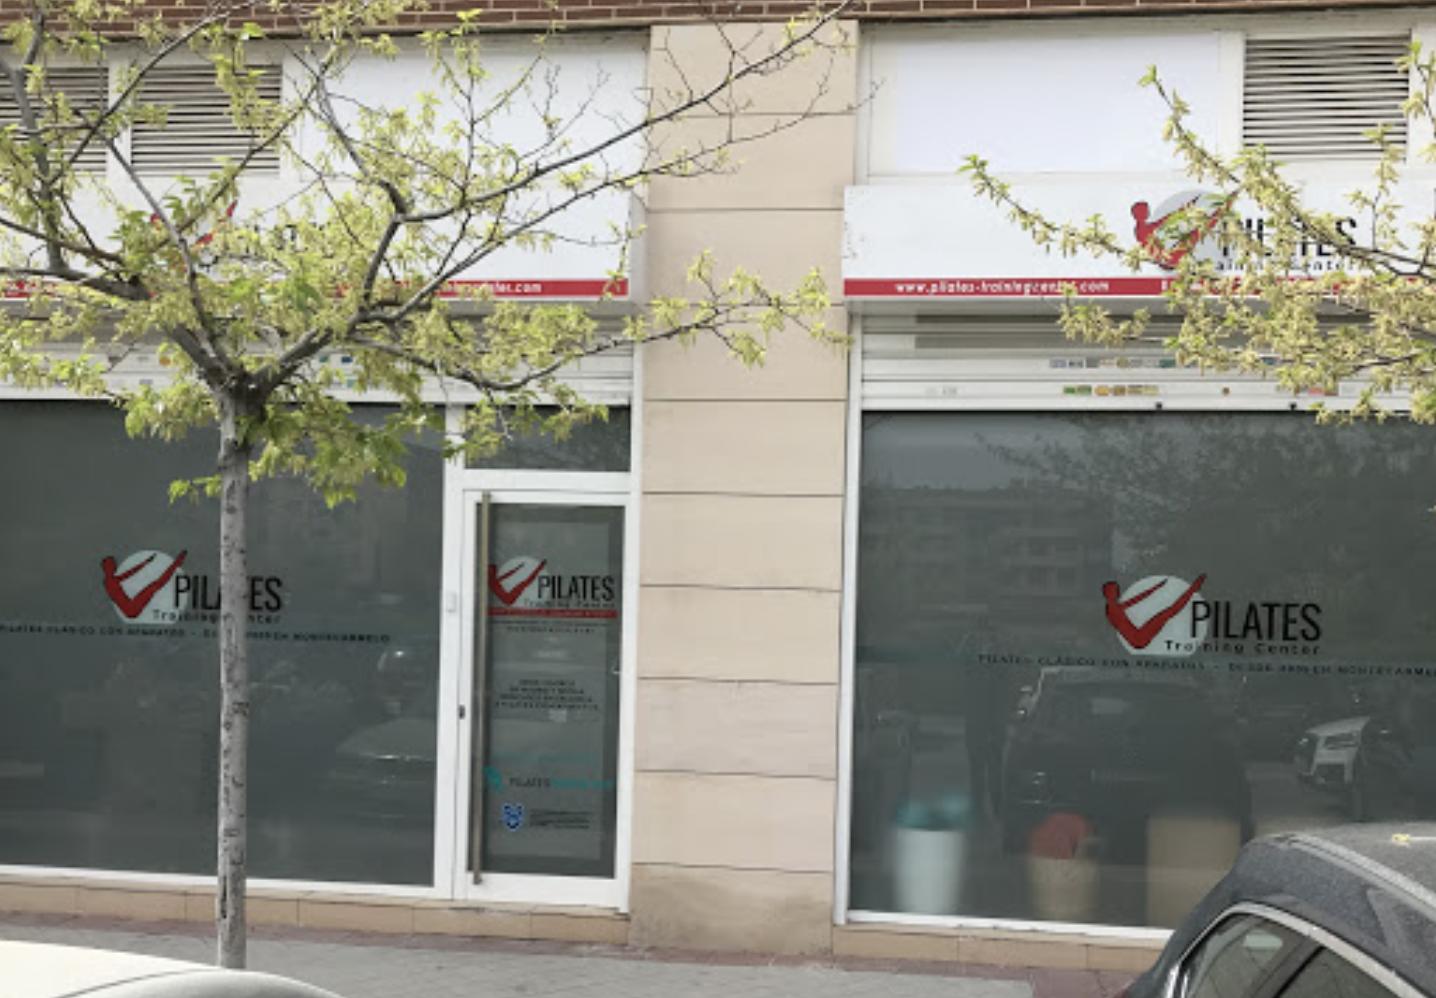 Nuevo estudio Pilates Training Center en situado en un amplio local a pié de calle, en el número 9 de Monasterio de Oseira, en el barrio de Montecarmelo.